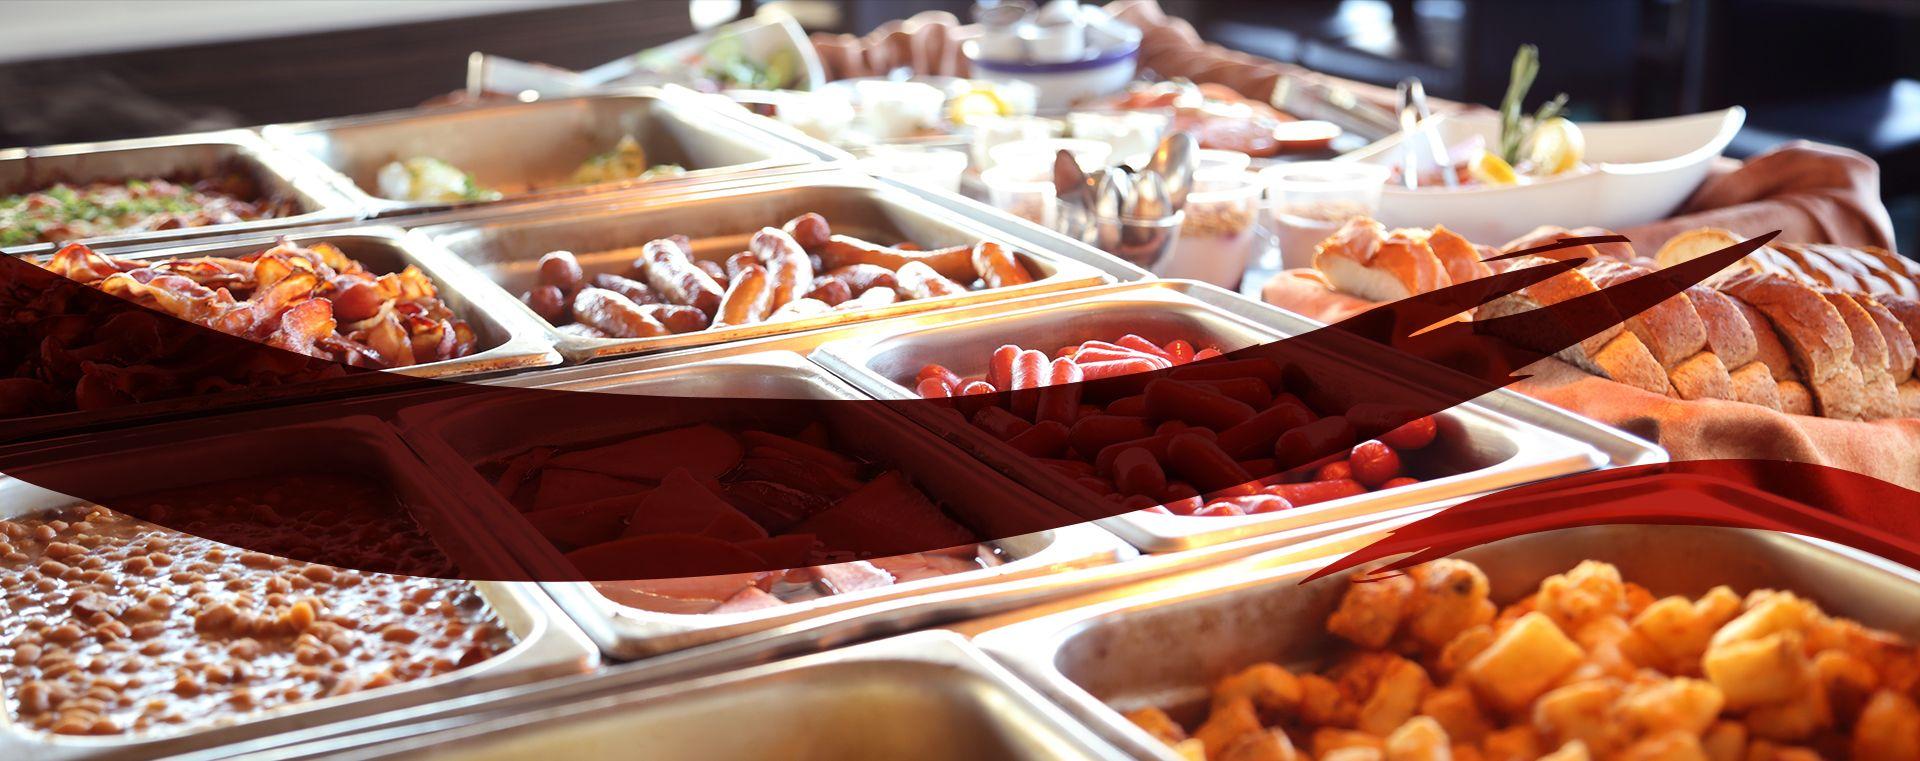 Les brunchs du dimanche au Grill Resto-Bar du Complexe Évasion de Victoriaville